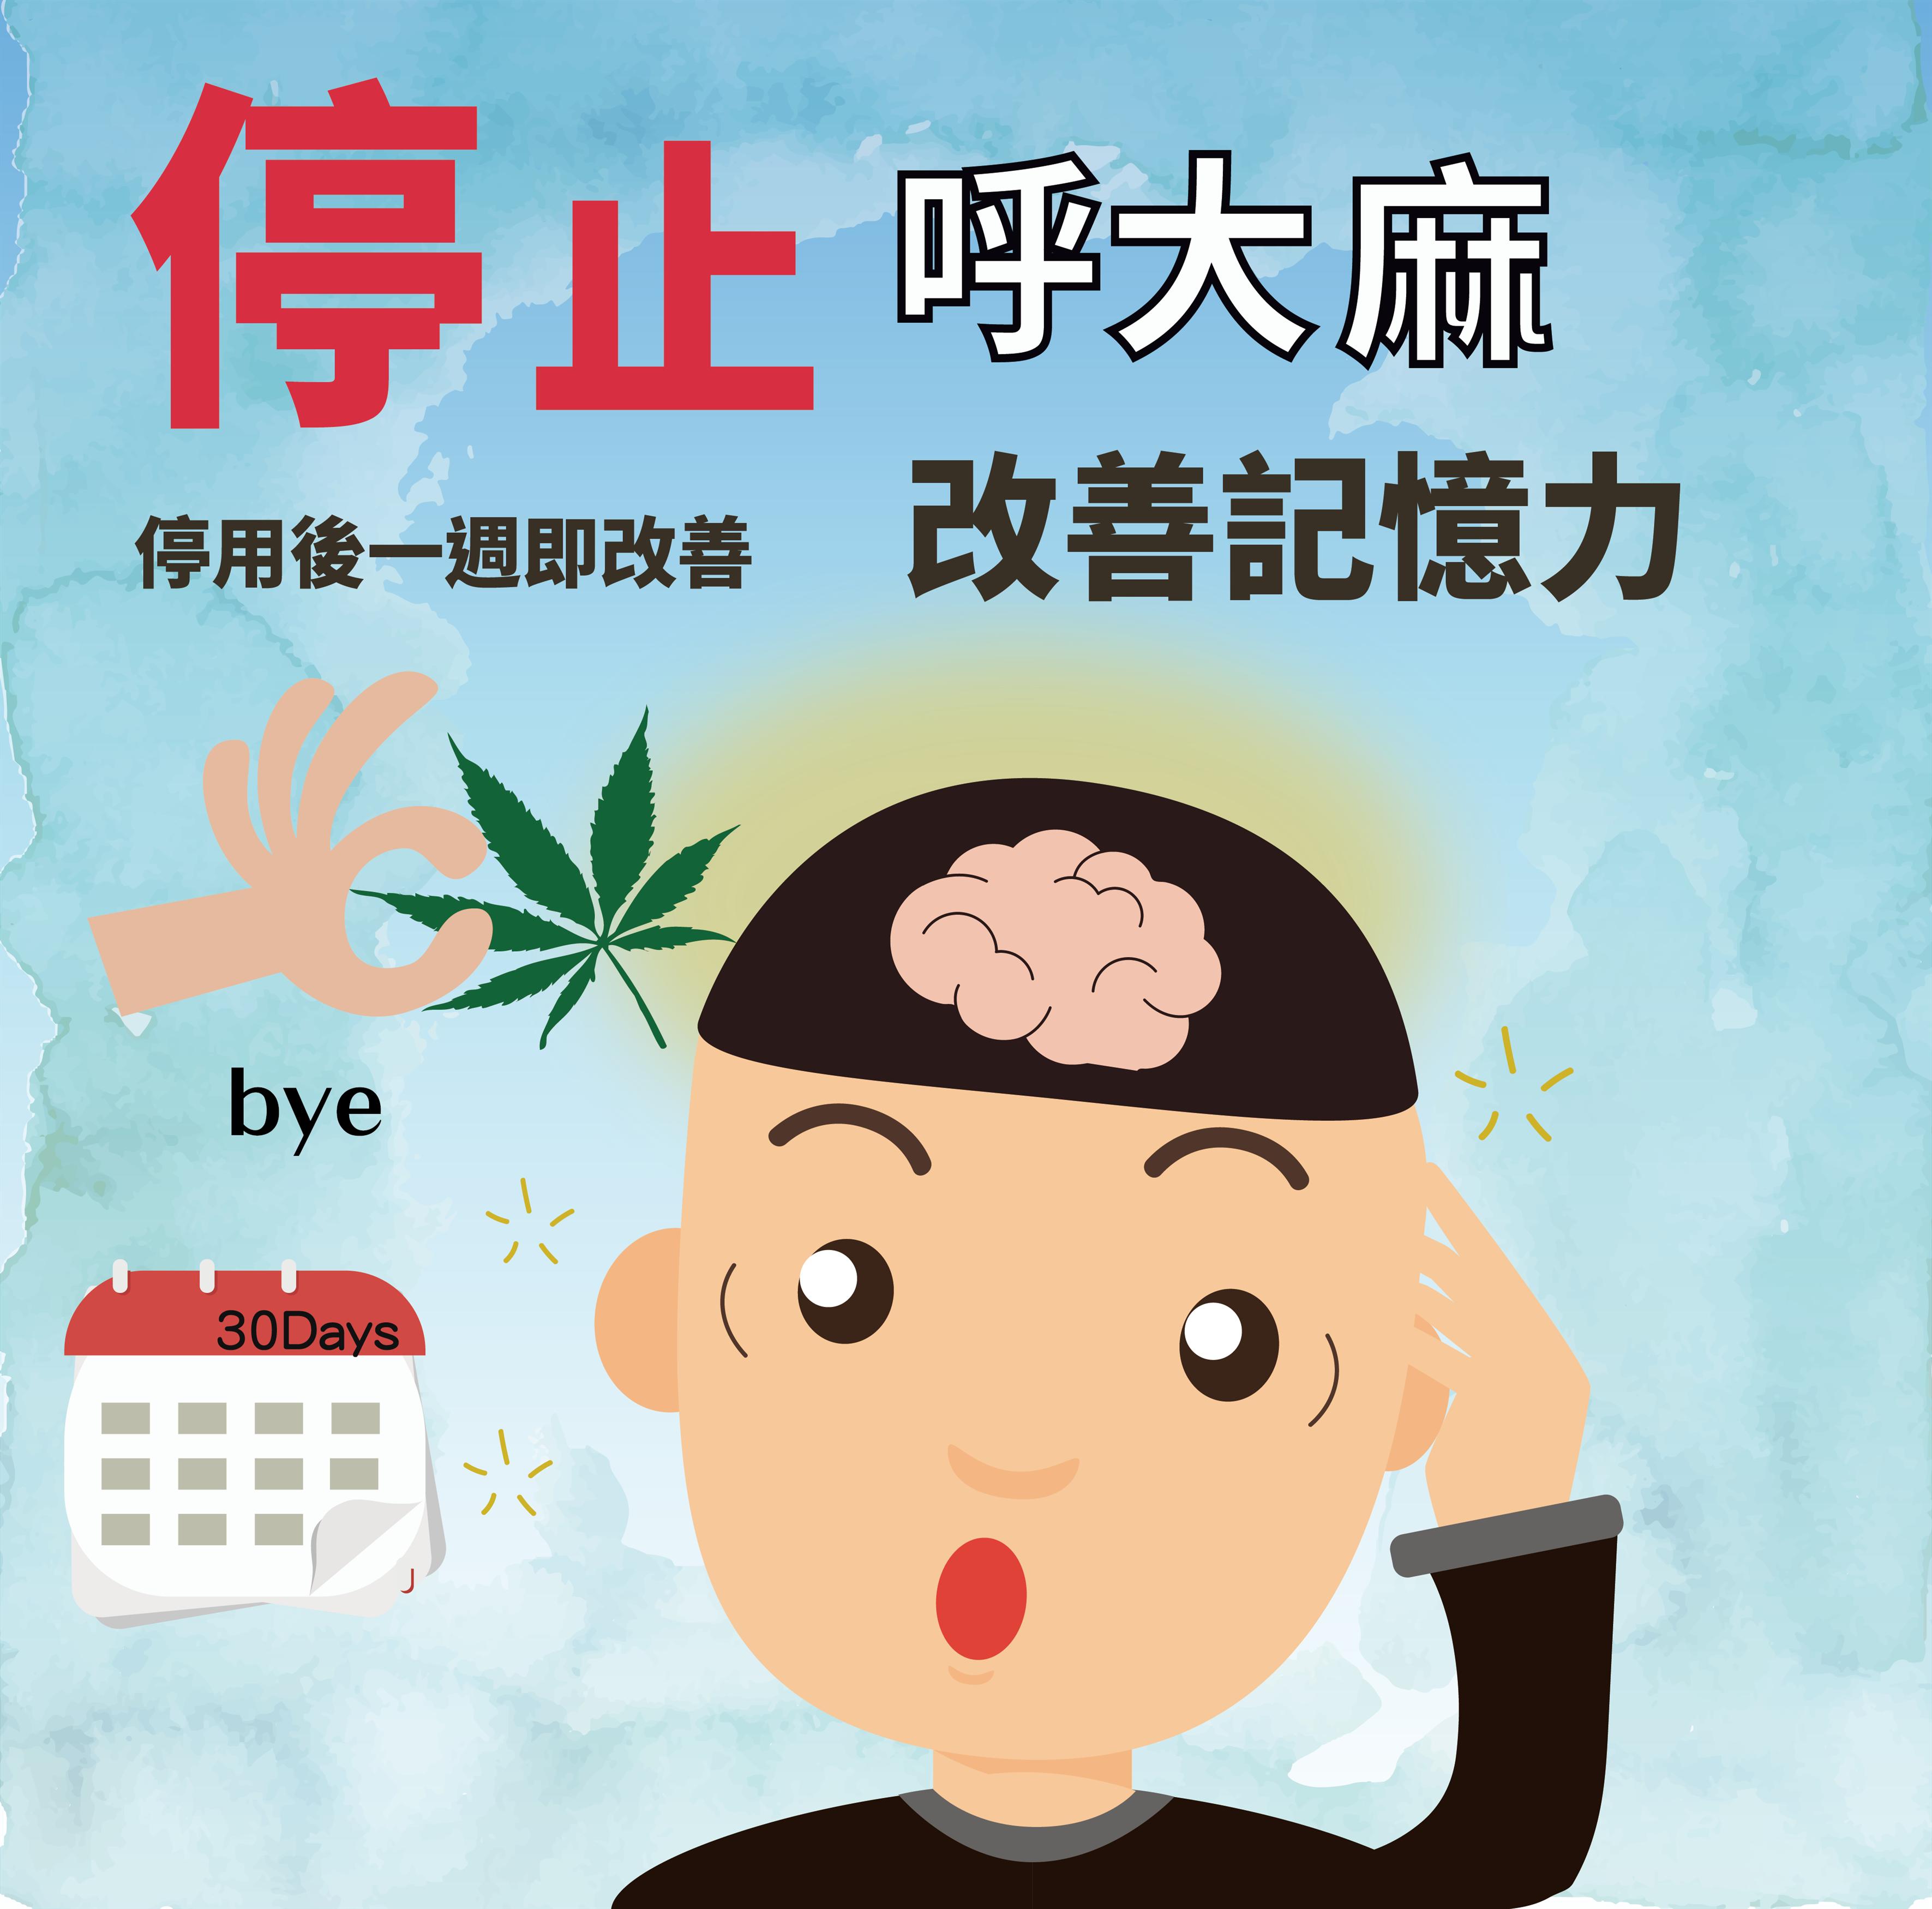 停止吸食大麻,救救你的記憶力(圖片)